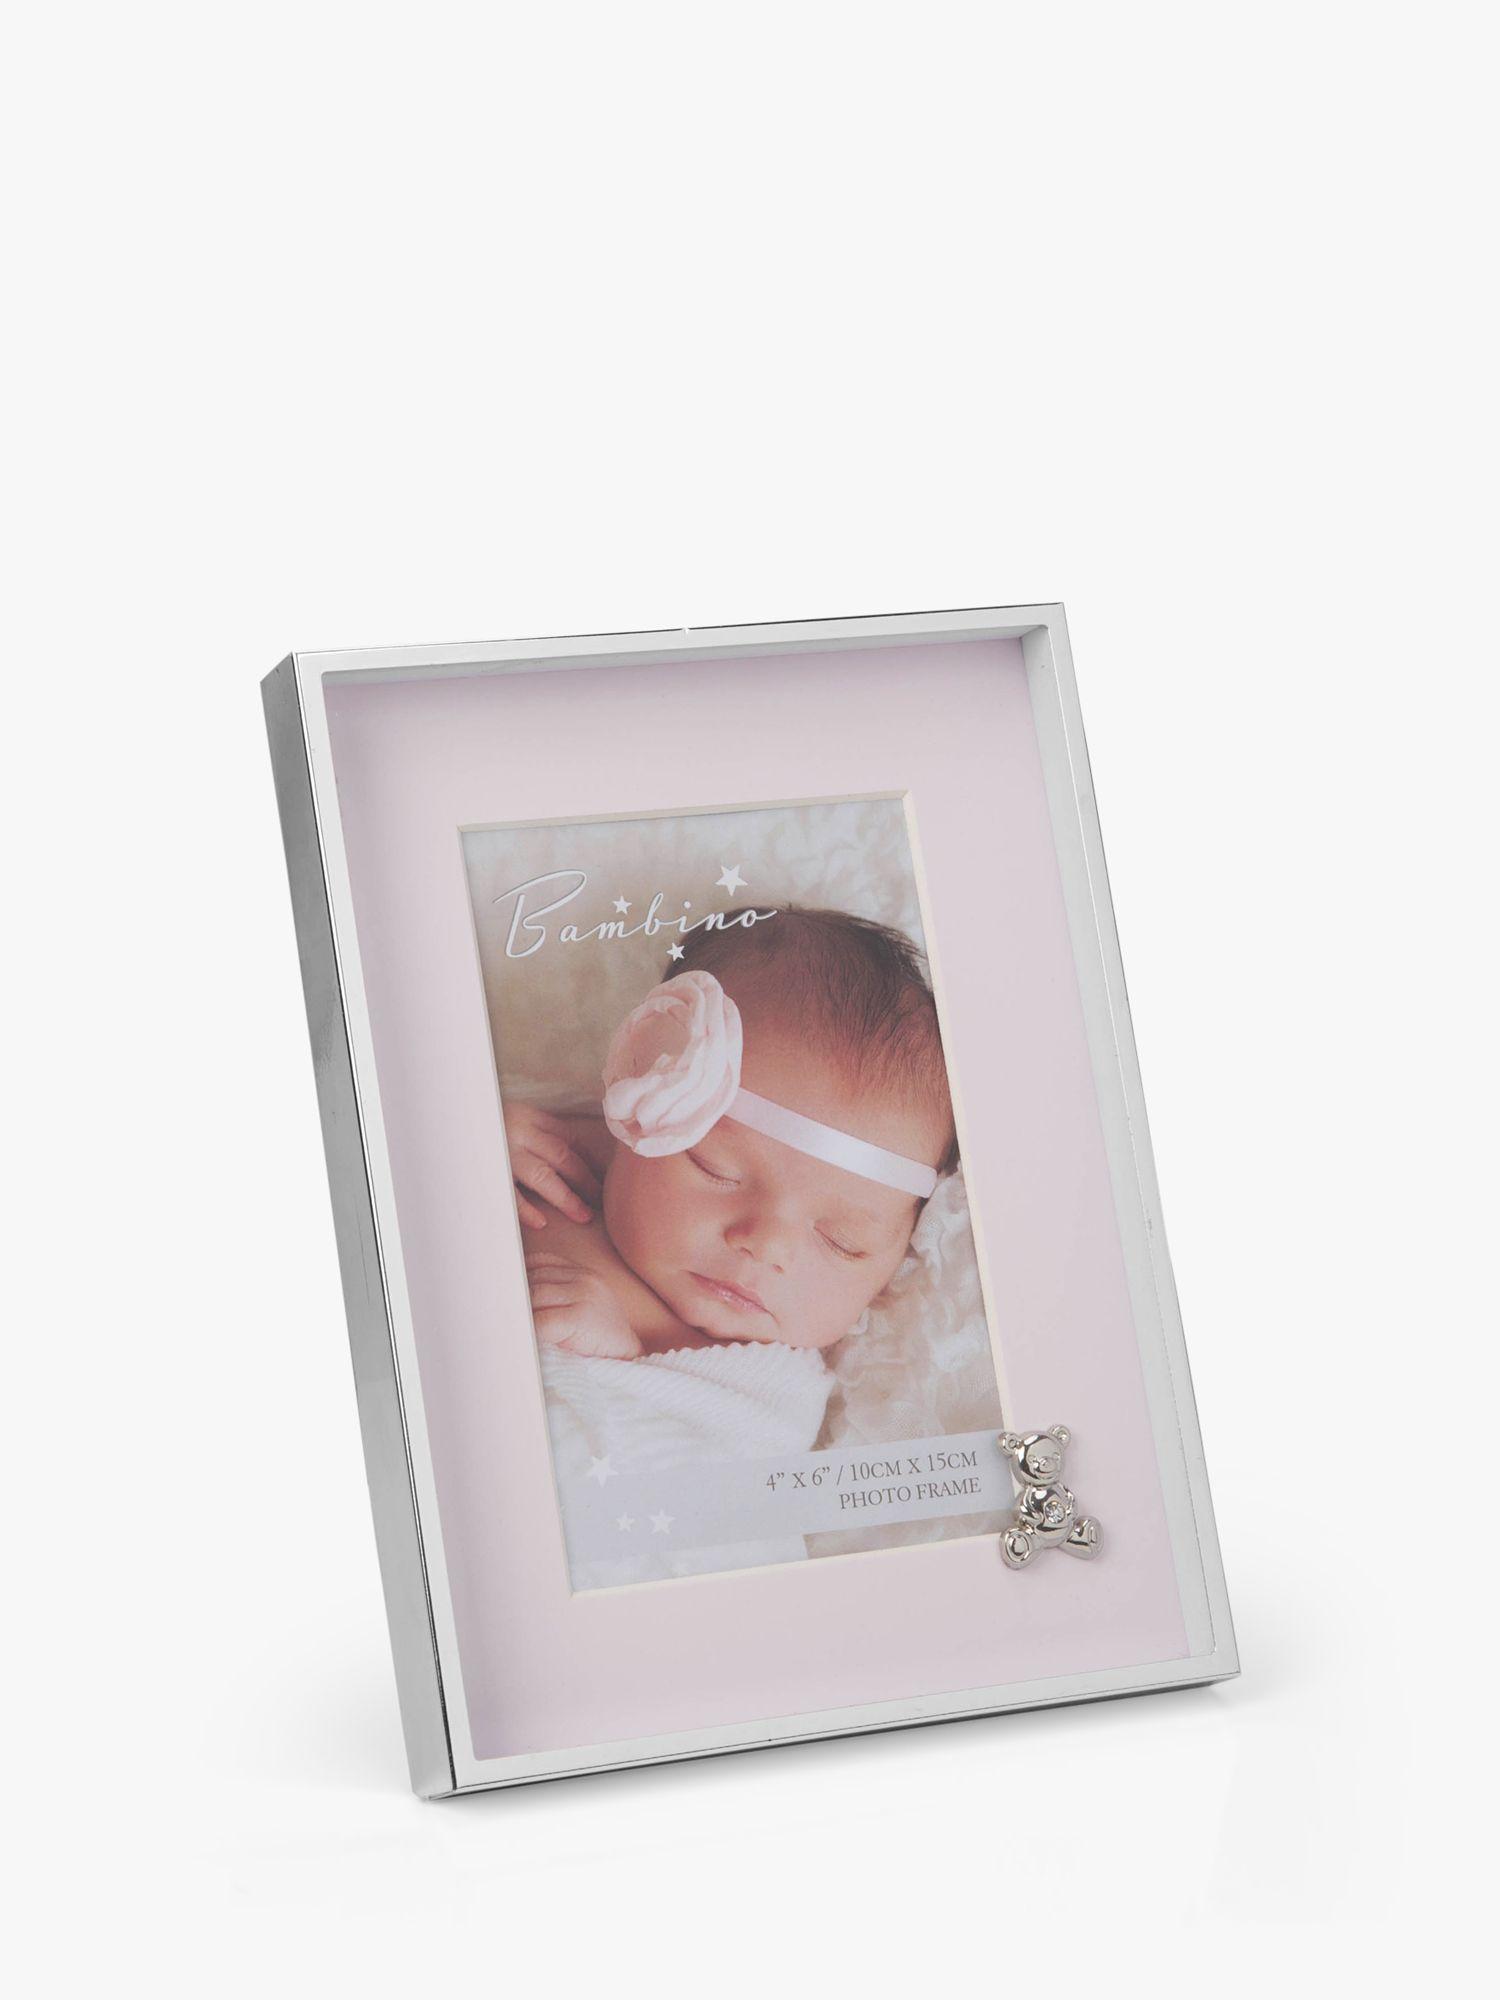 Bambino Bambino Baby Teddy Photo Frame, 4 x 6 inches